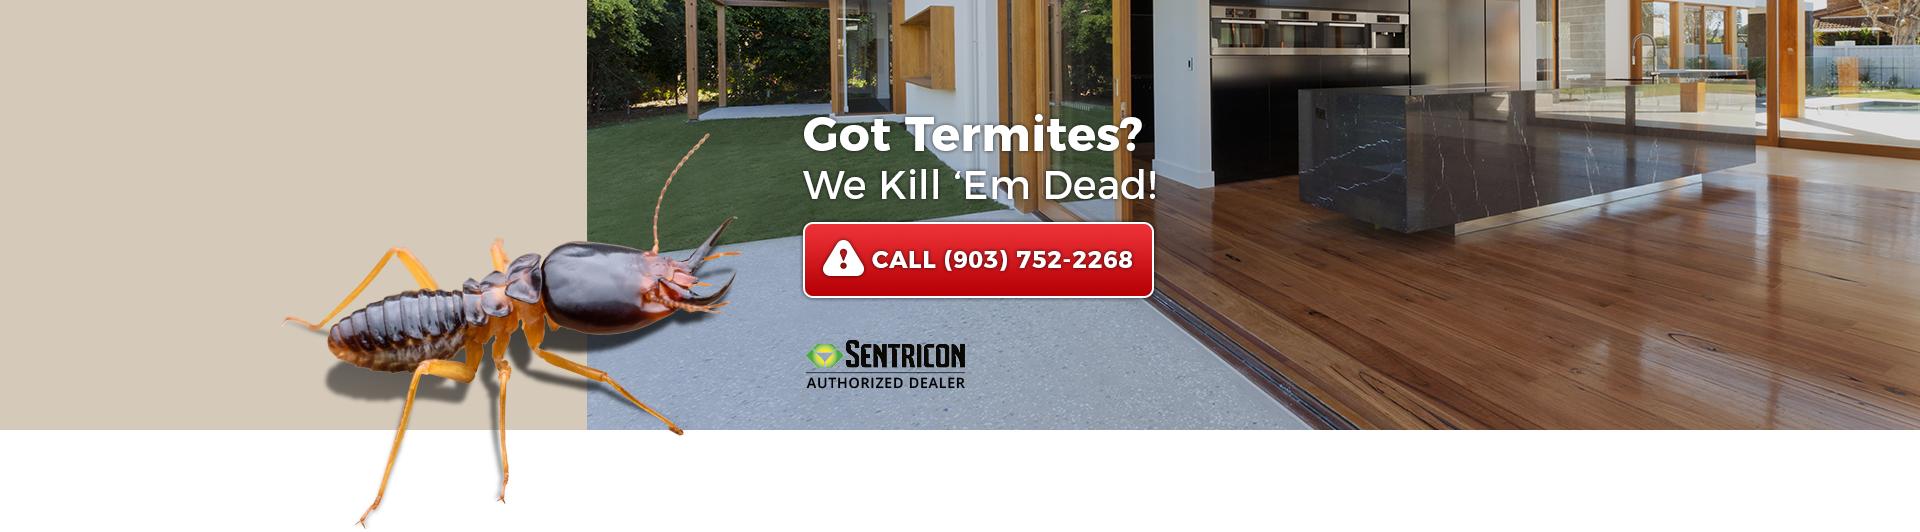 Got Termites? We Kill 'em Dead